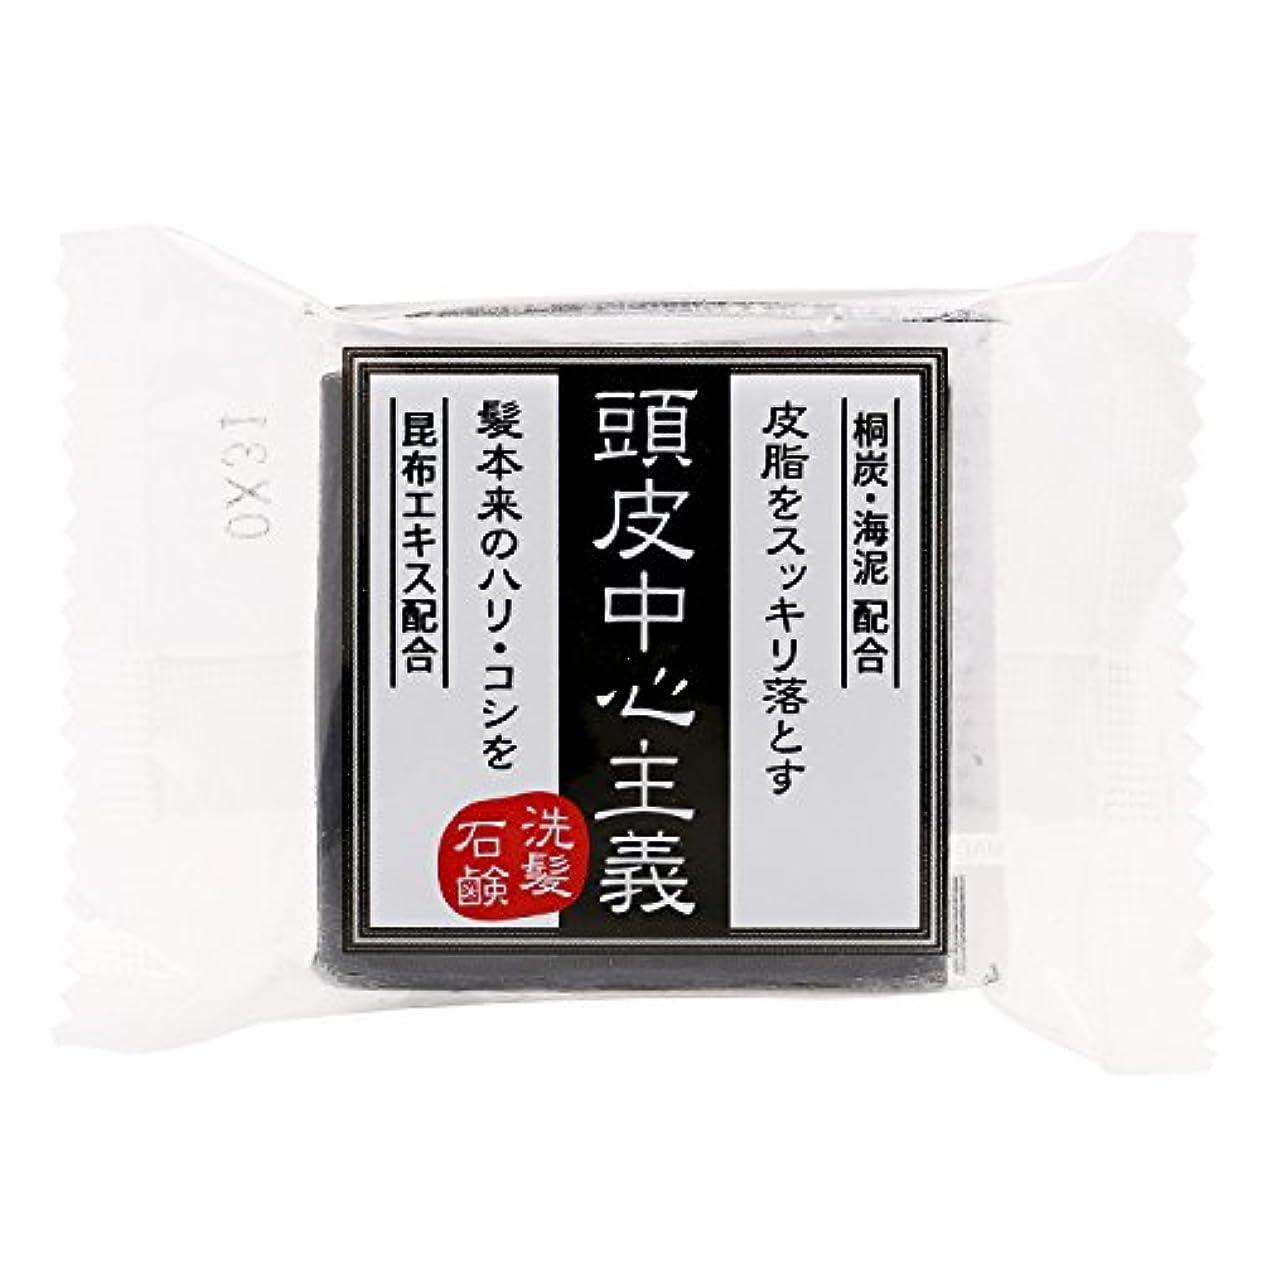 修理可能エッセイ食物菊星 頭皮中心主義 洗髪石鹸 30g